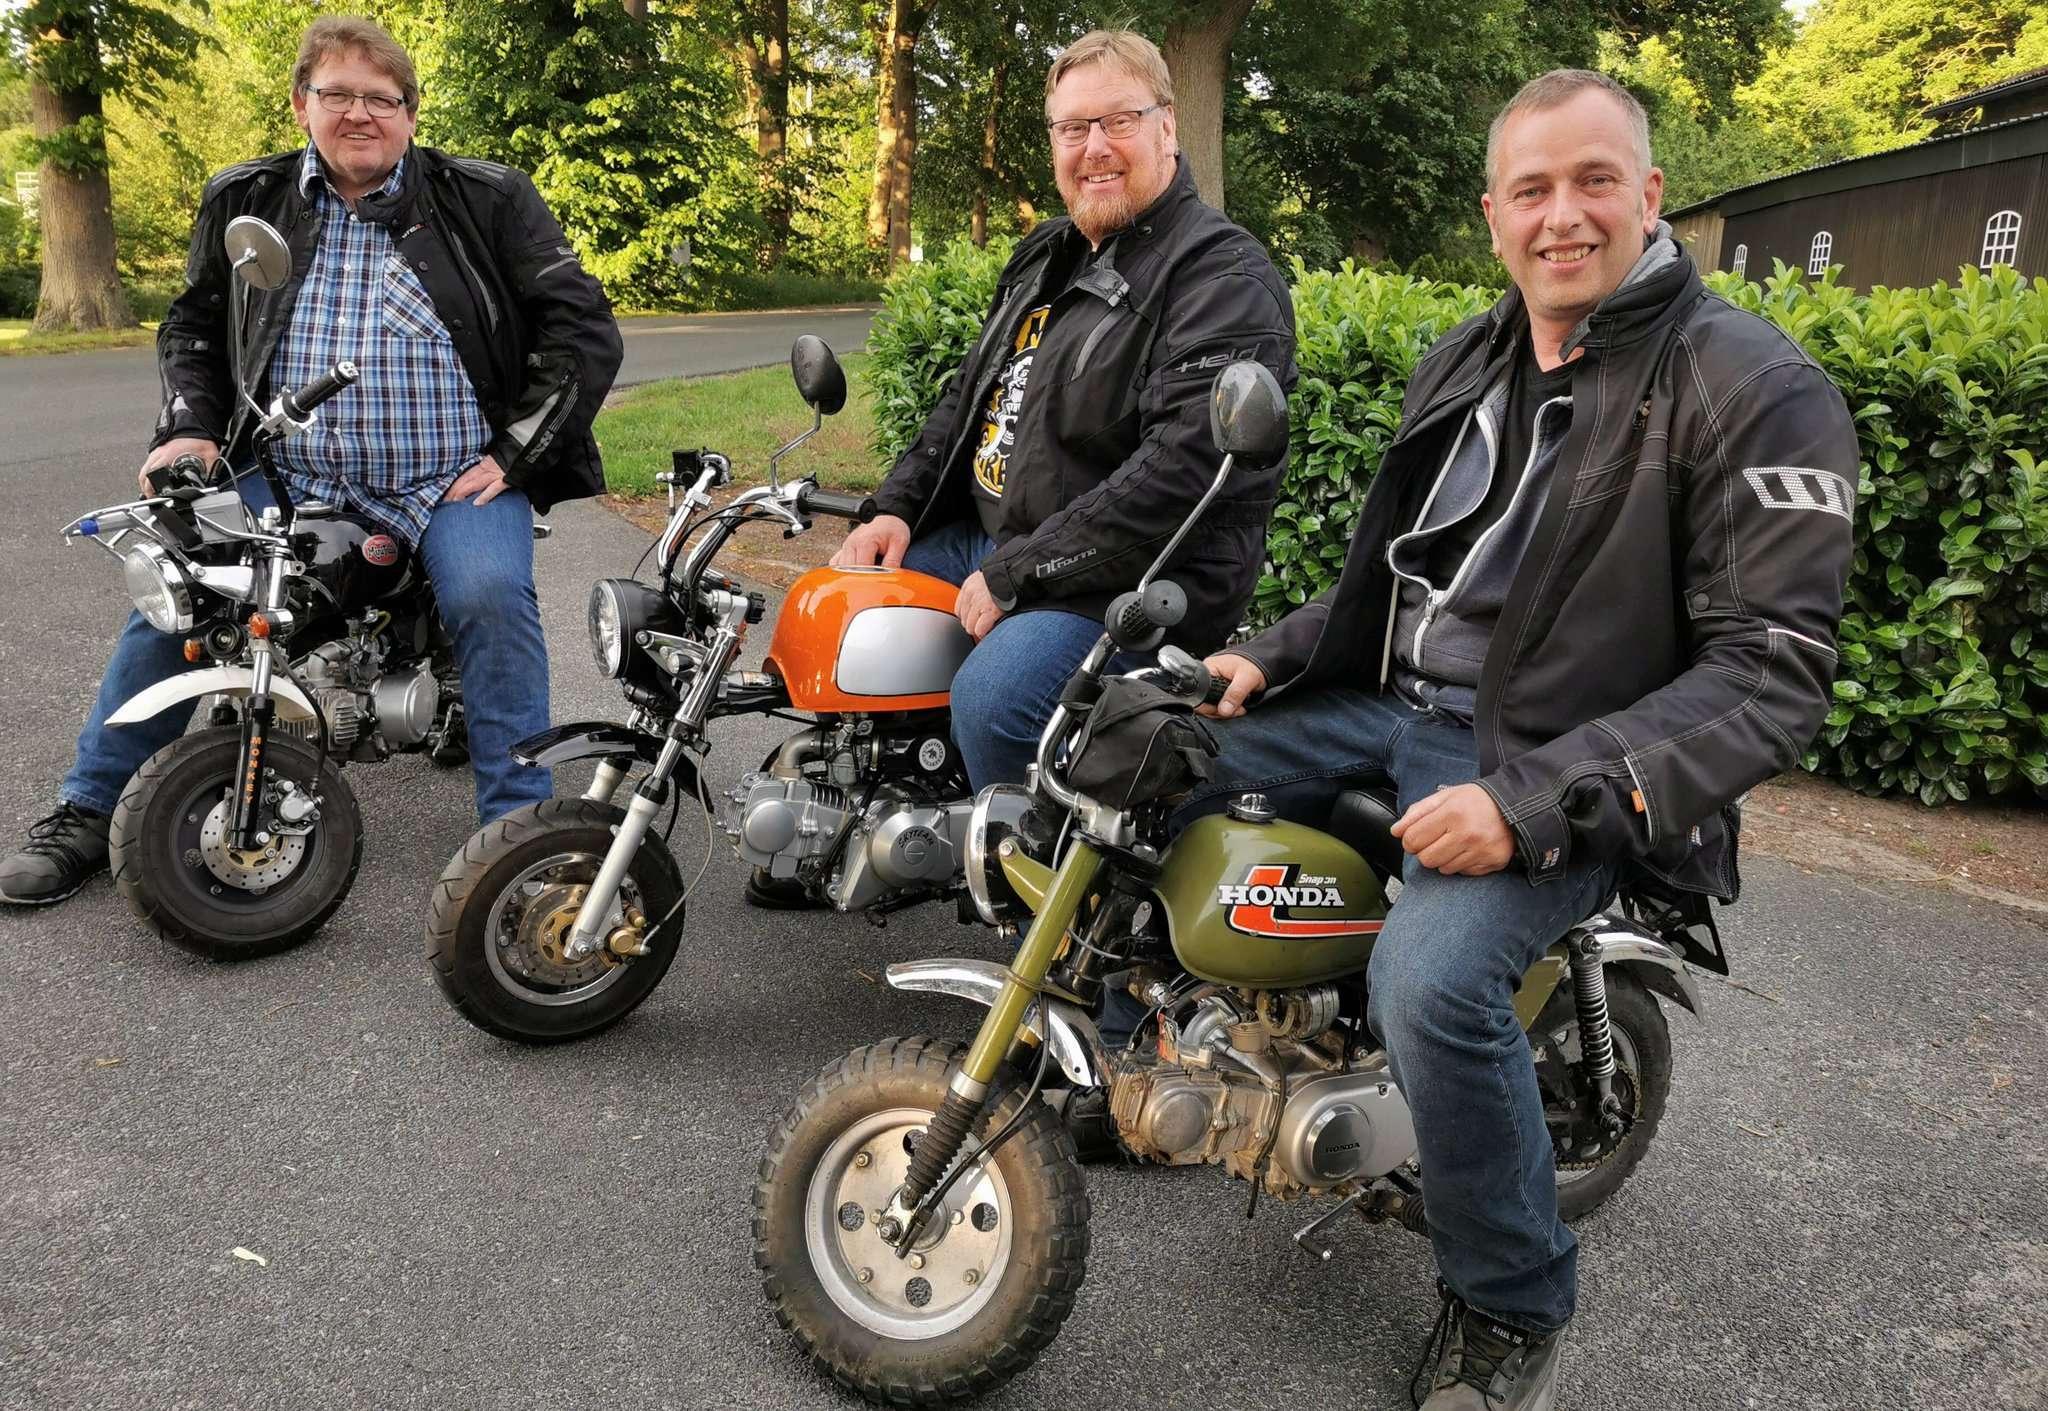 Jens Böhnke (von links), Volker Weiß und Mirko Scharlock auf den Mokicks, mit denen sie nach München gefahren sind.